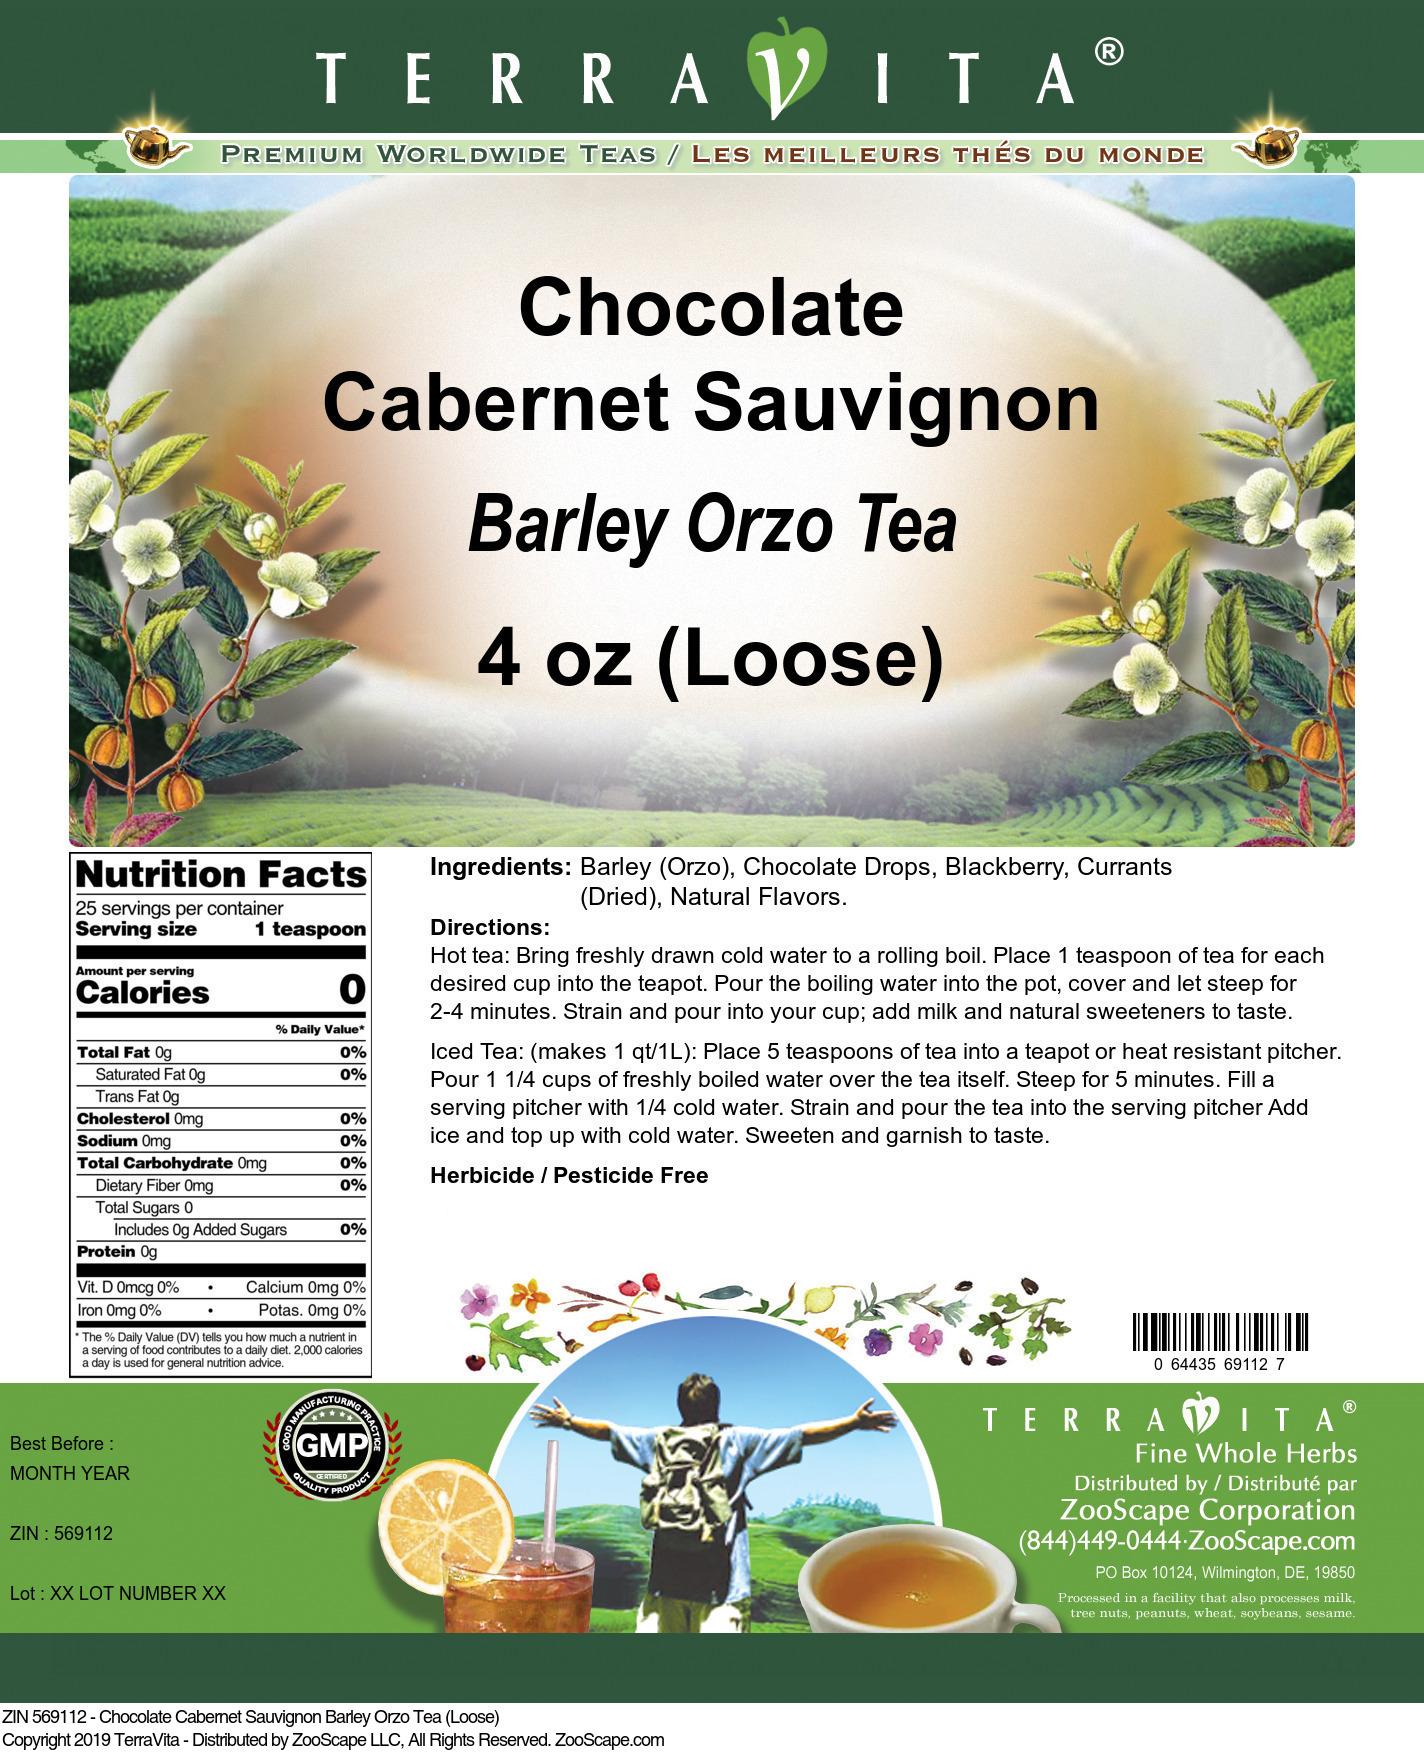 Chocolate Cabernet Sauvignon Barley Orzo Tea (Loose)